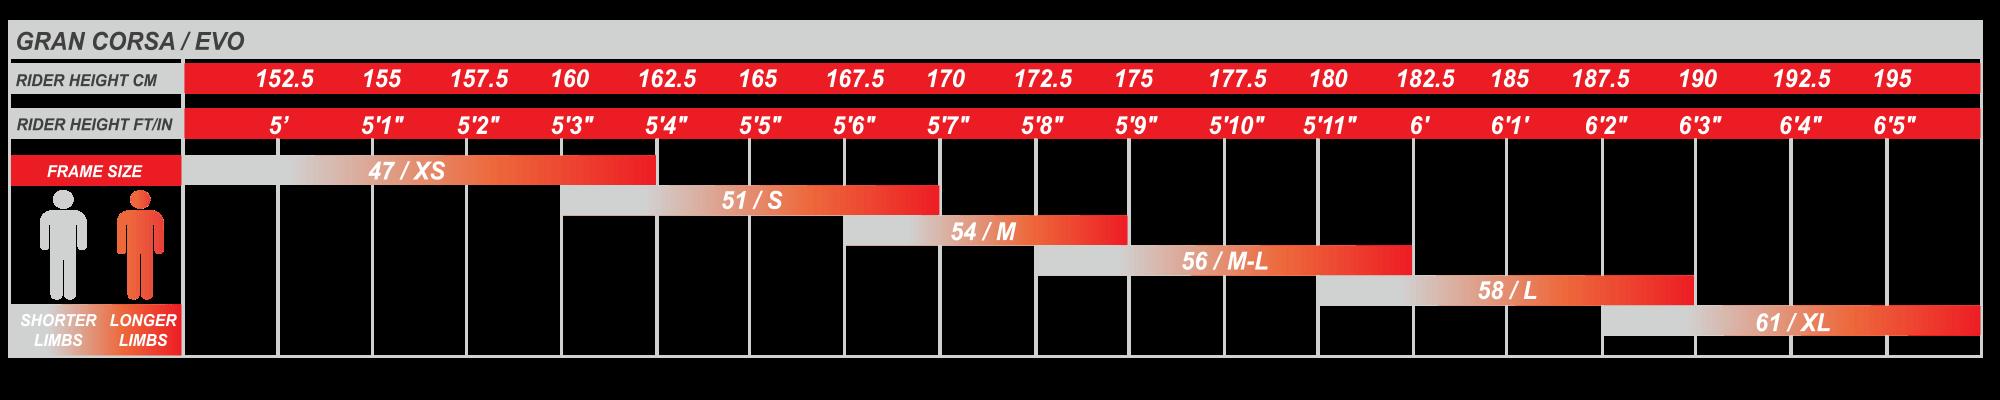 geo-size-chart-corsa-evo-2018.2.png